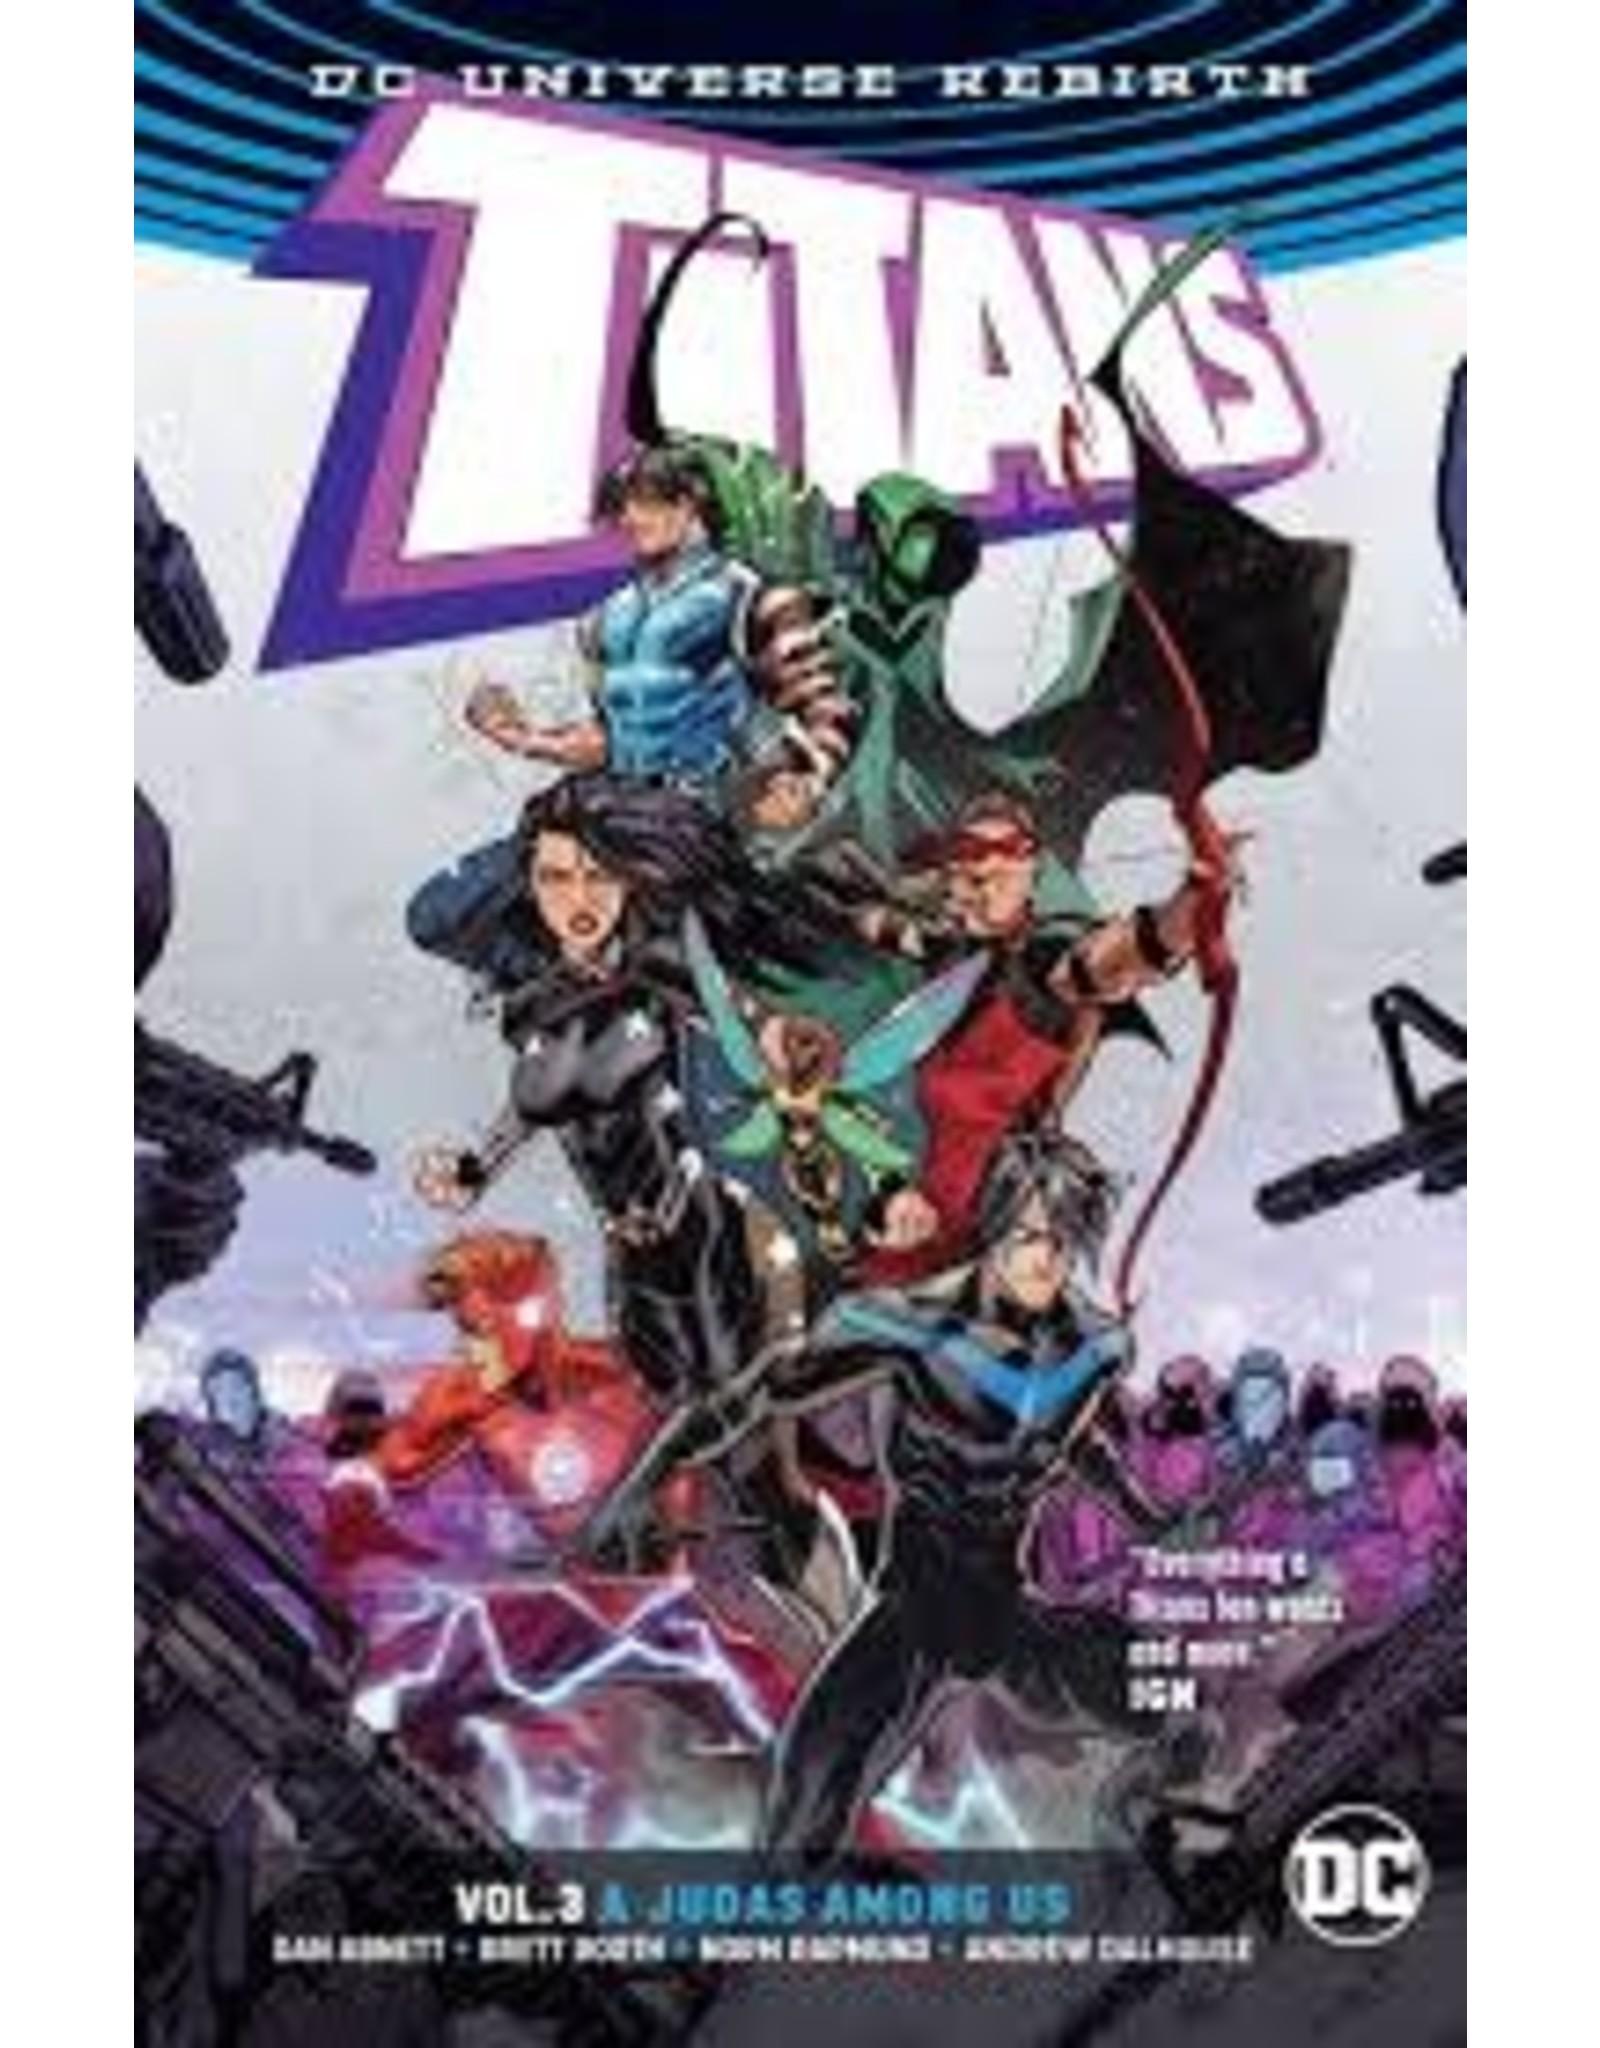 DC COMICS TITANS TP VOL 03 A JUDAS AMONG US REBIRTH